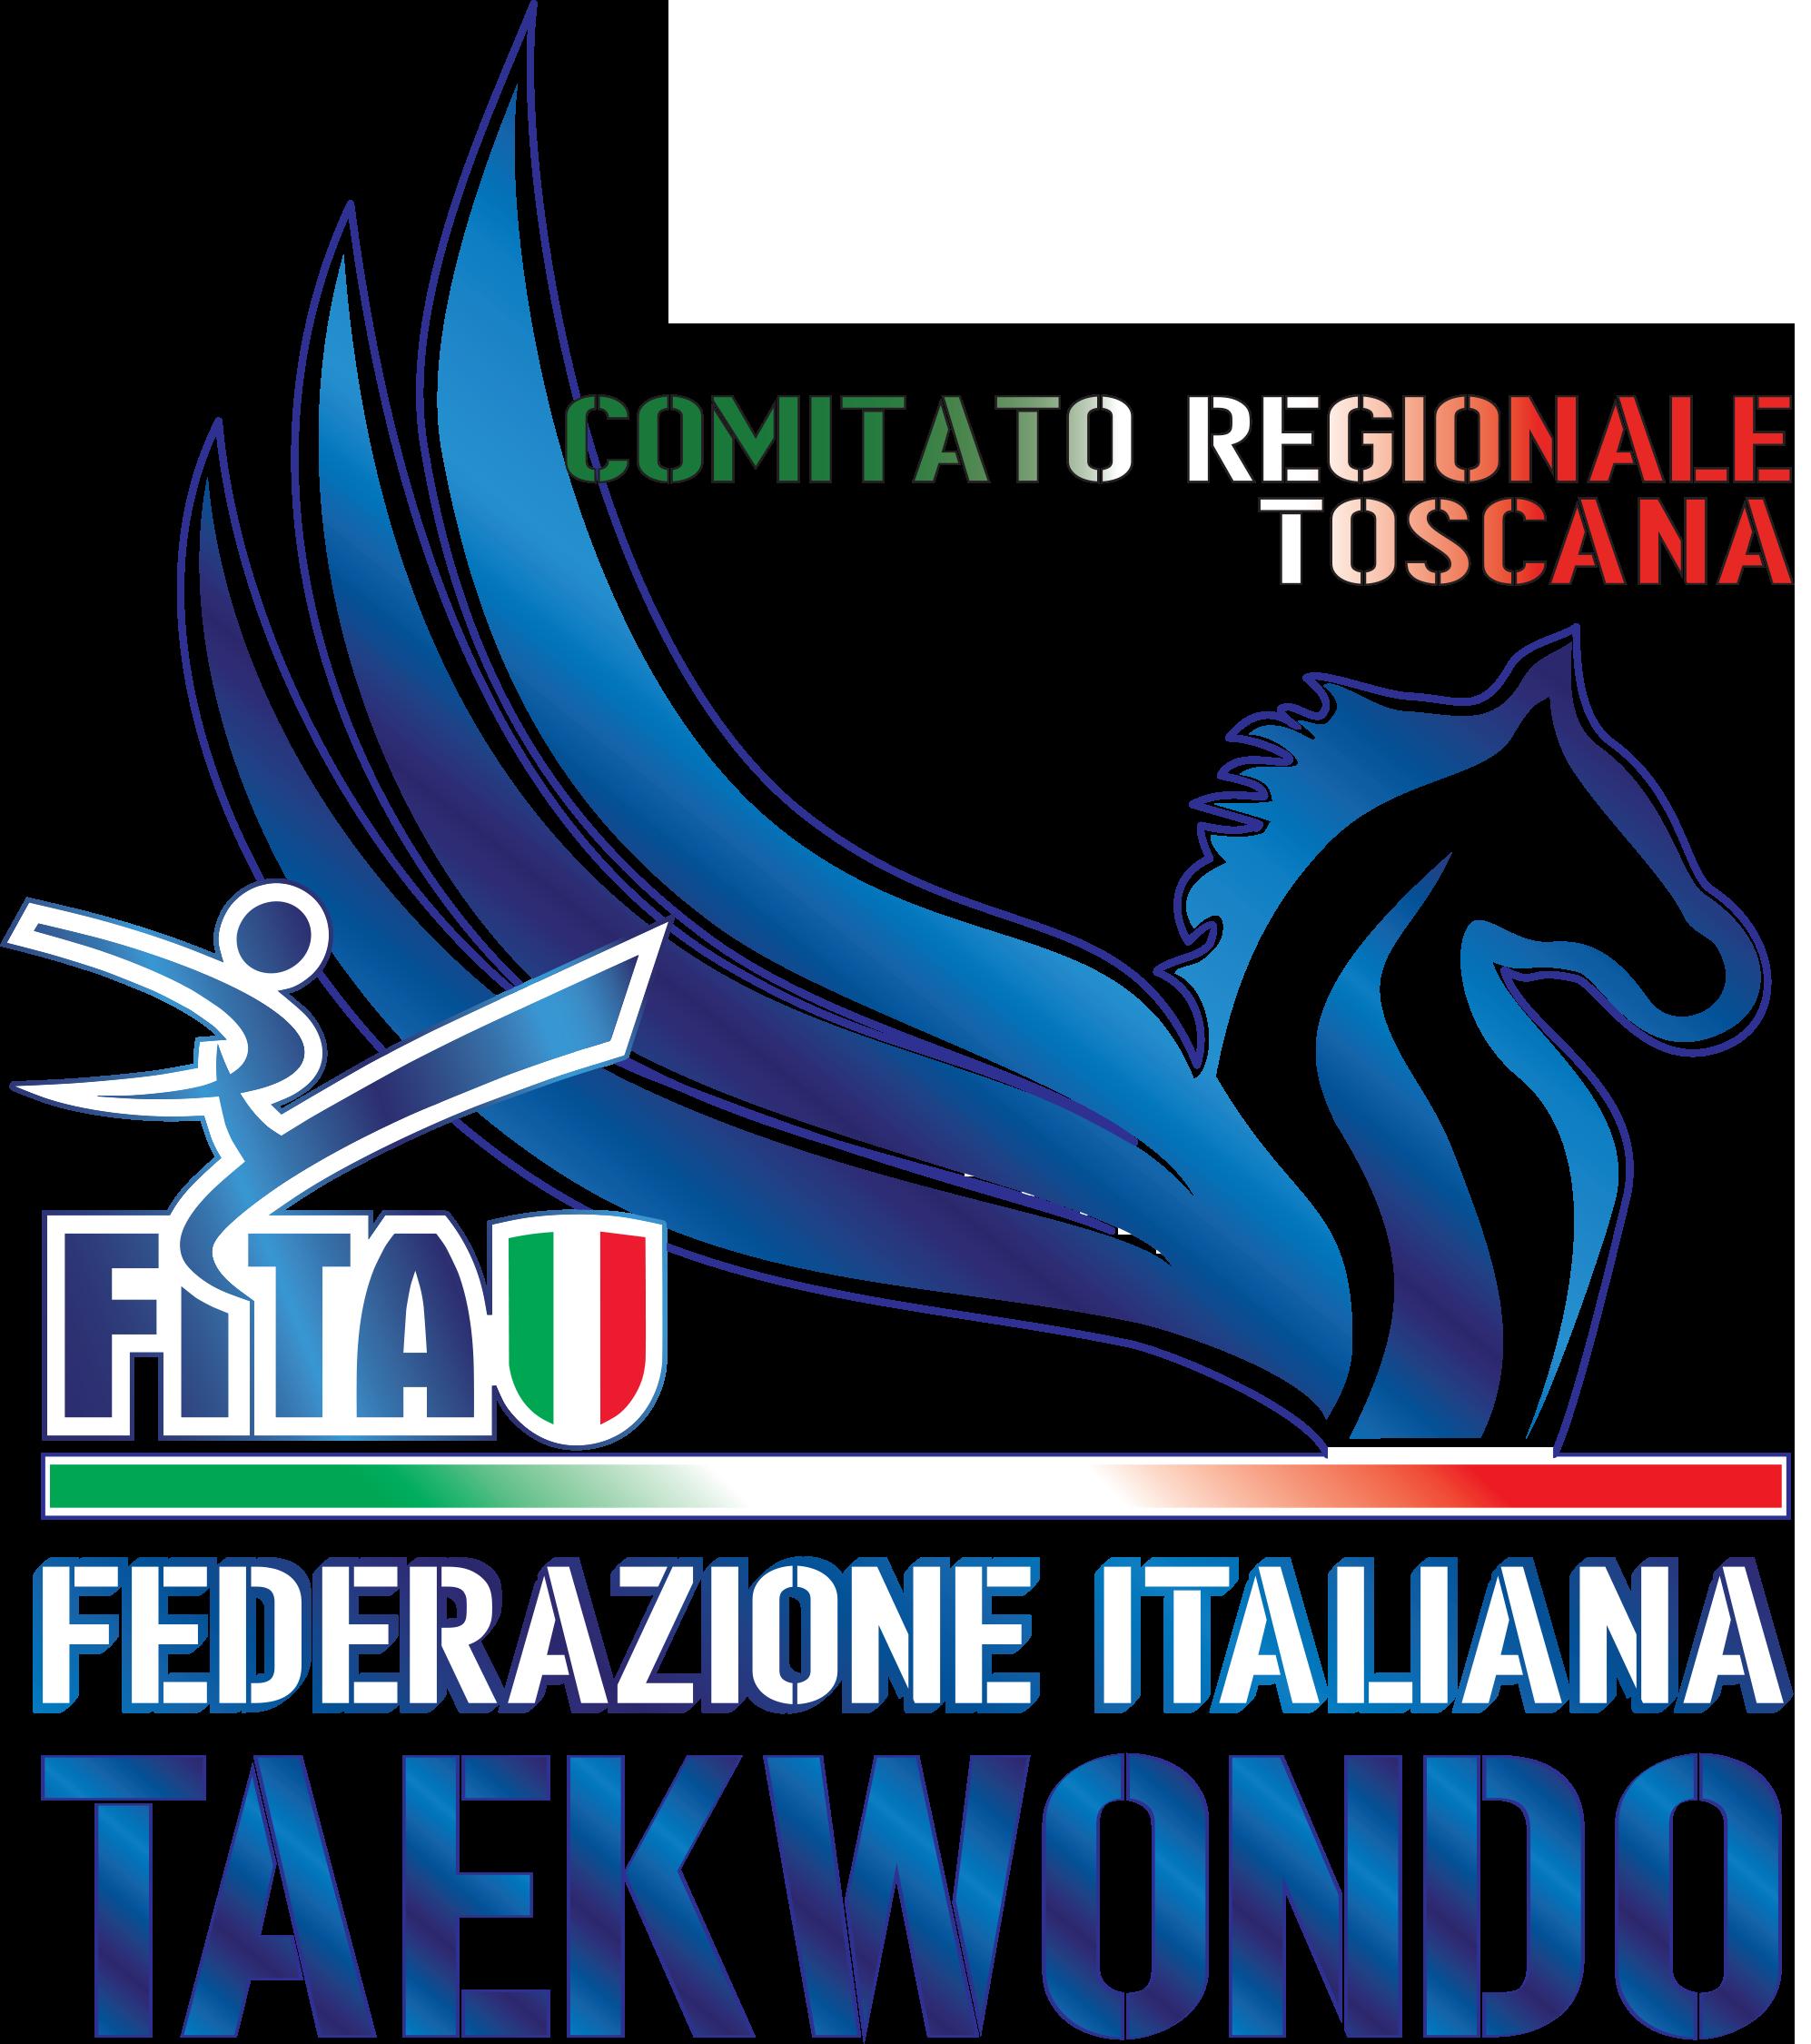 Taekwondo Toscana